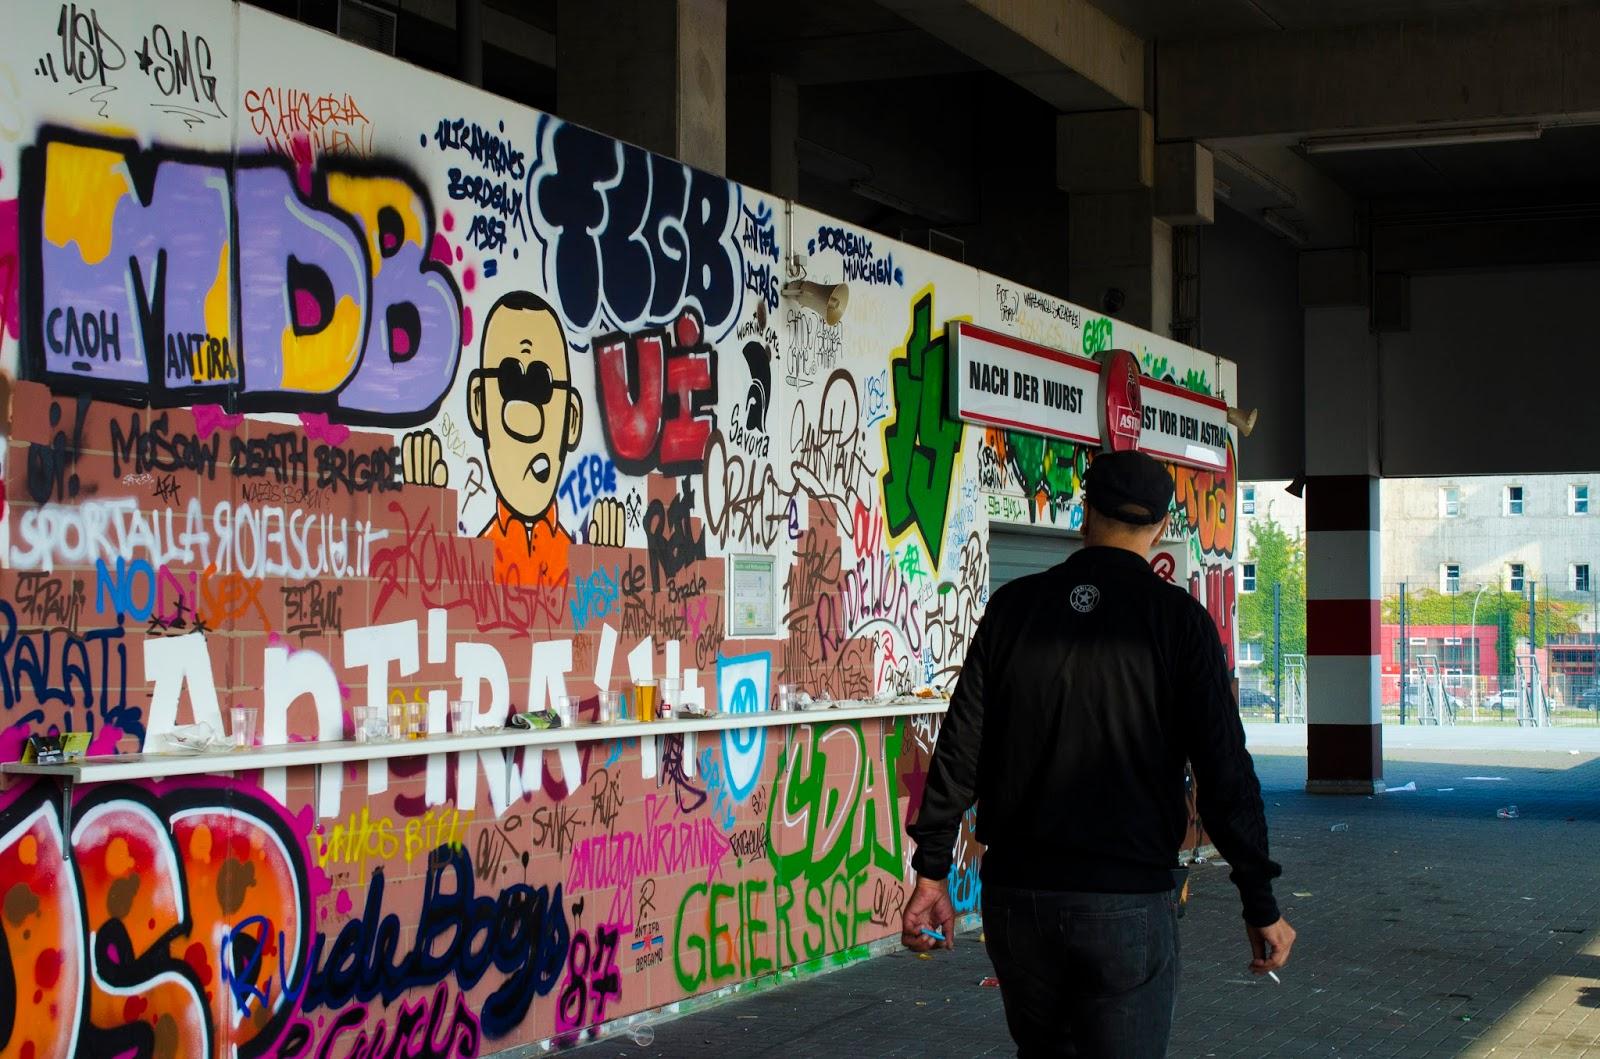 street art in st pauli stadium